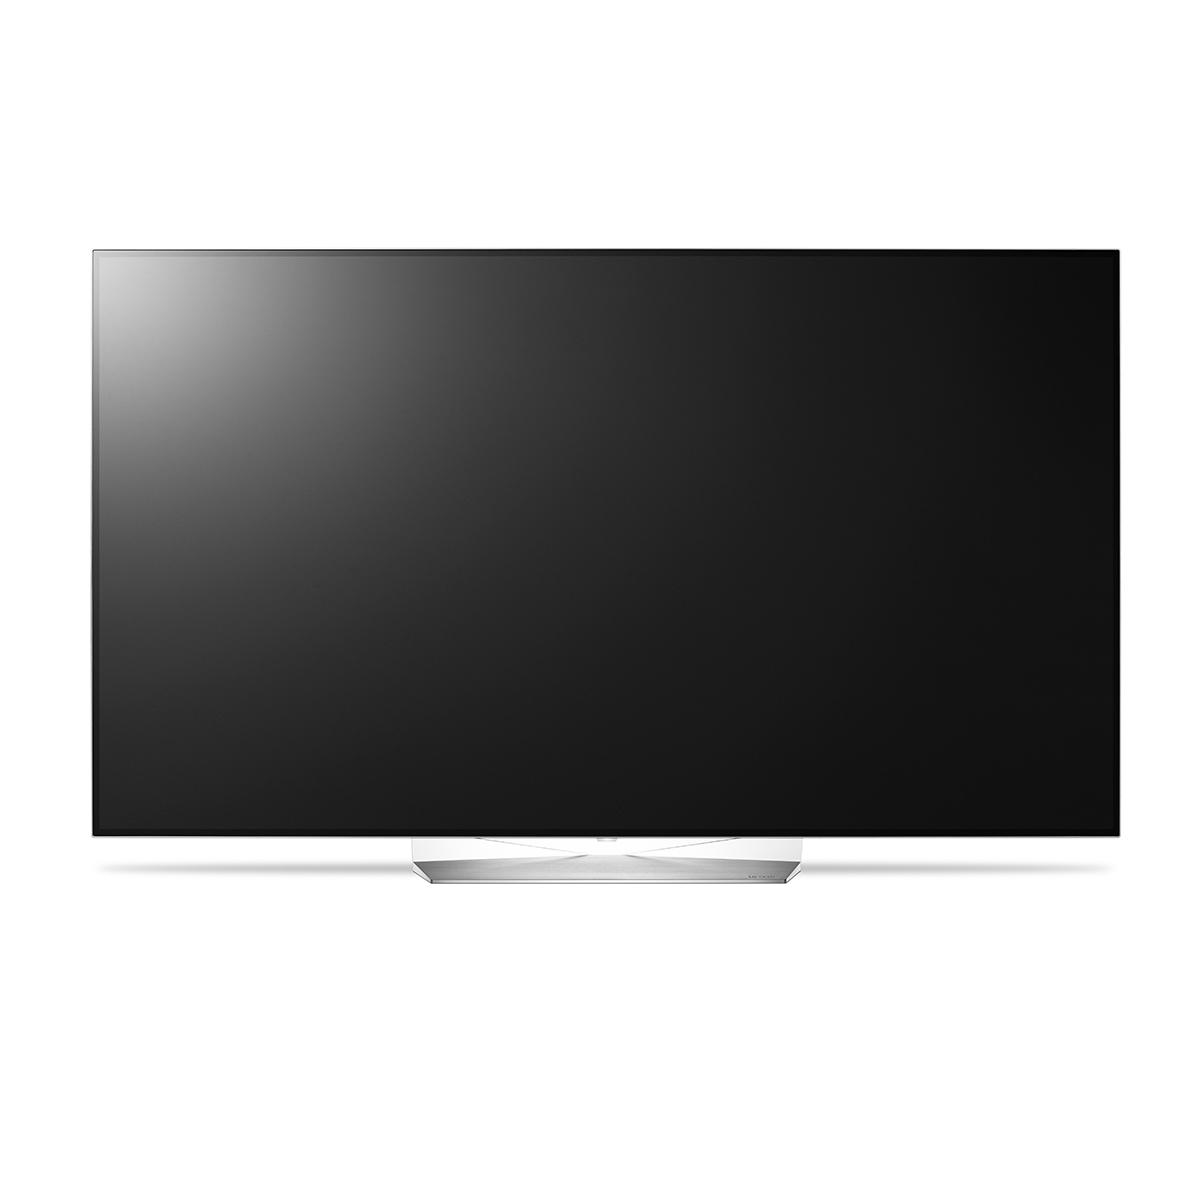 تلویزیون هوشمند ال جی مدل OLED55B7GI سایز 55 اینچ